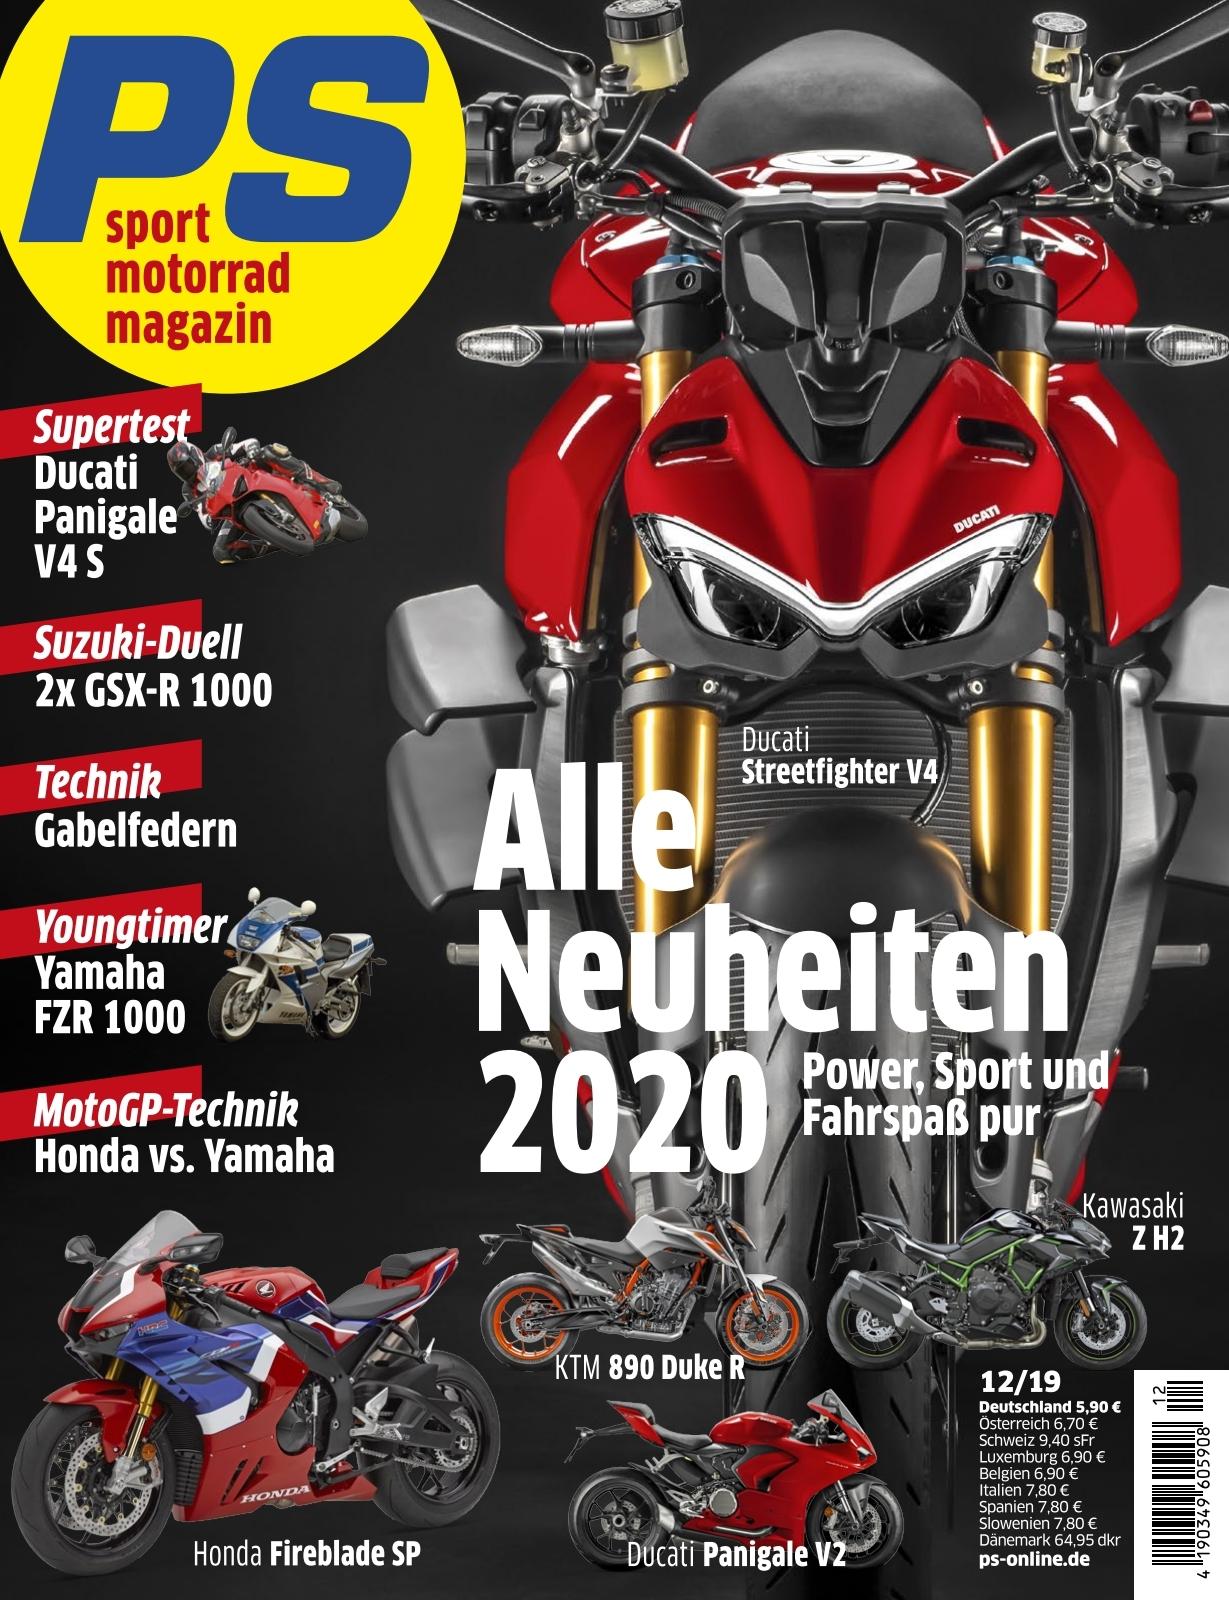 Innere Verkleidung Rechts Schwarz Honda CBR 600 RR 2008 120PS